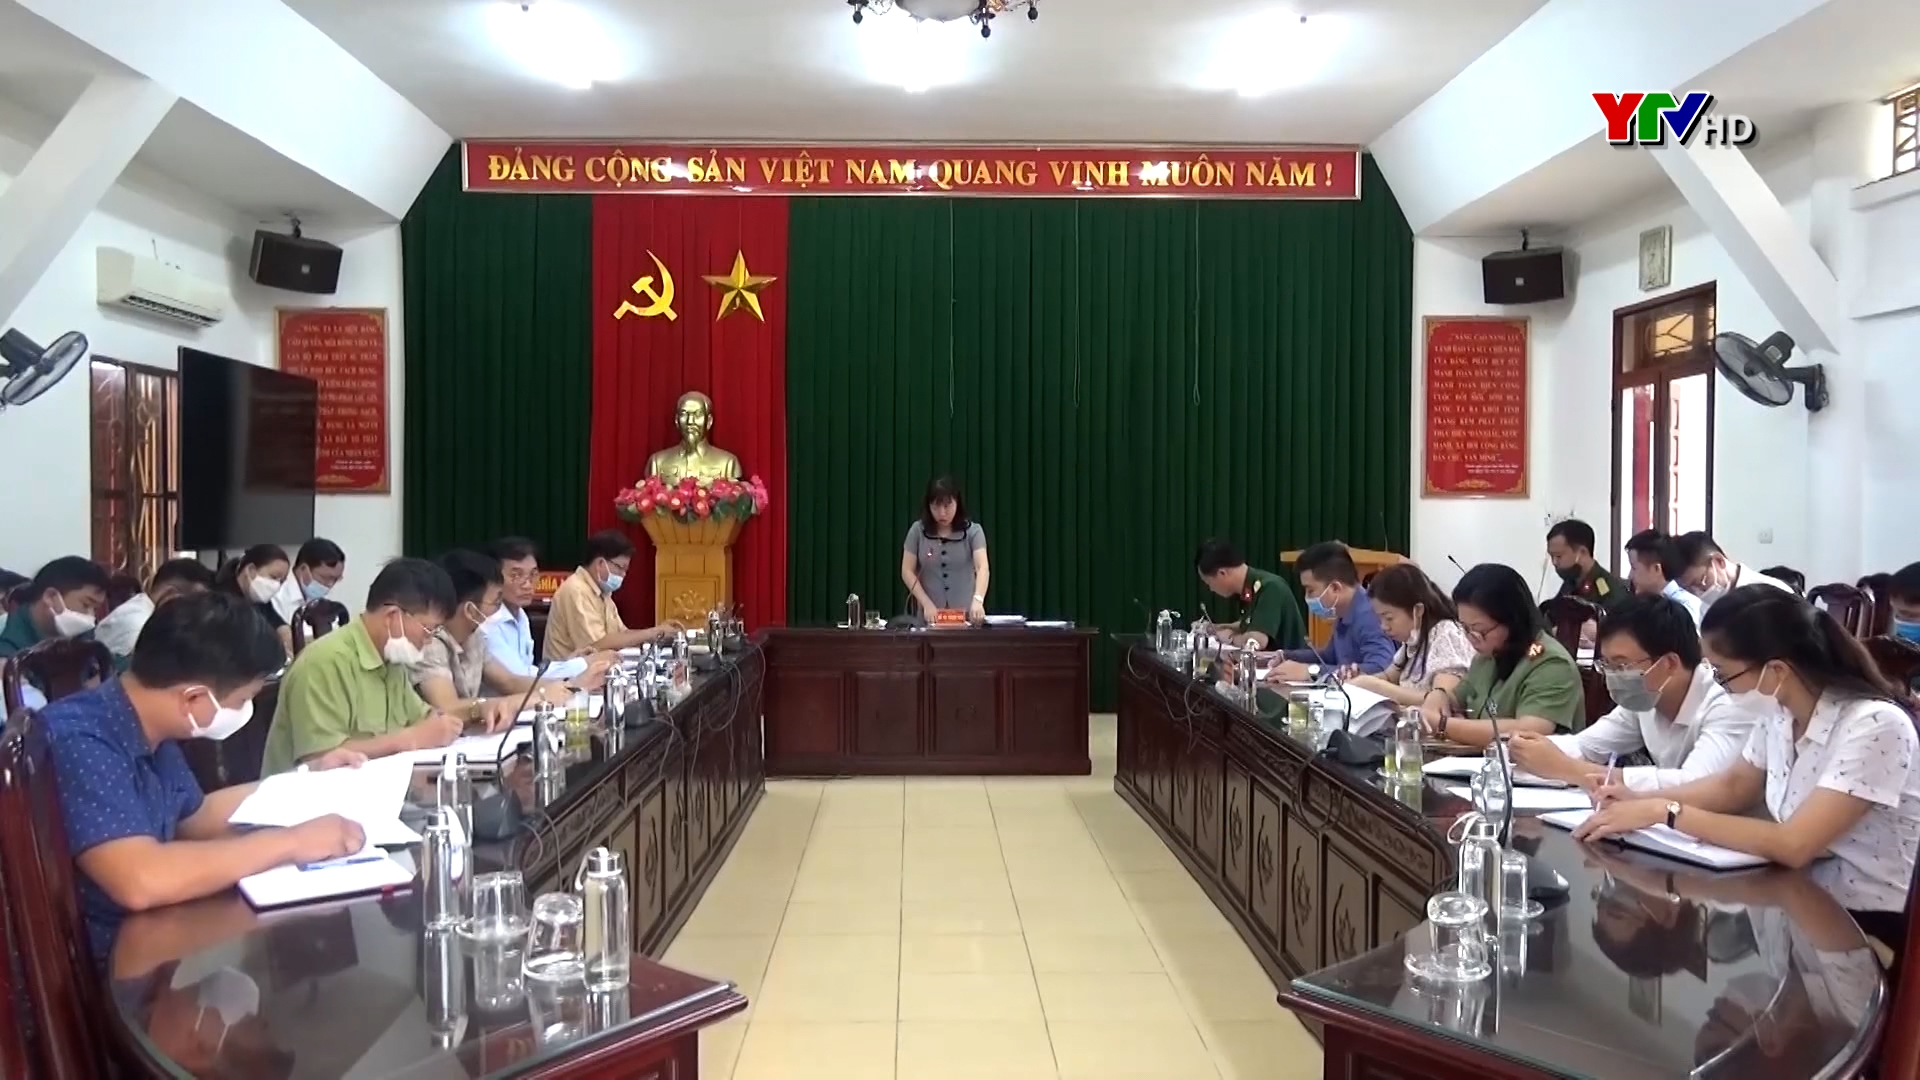 Thị xã Nghĩa Lộ triển khai công tác tuyển quân năm 2022